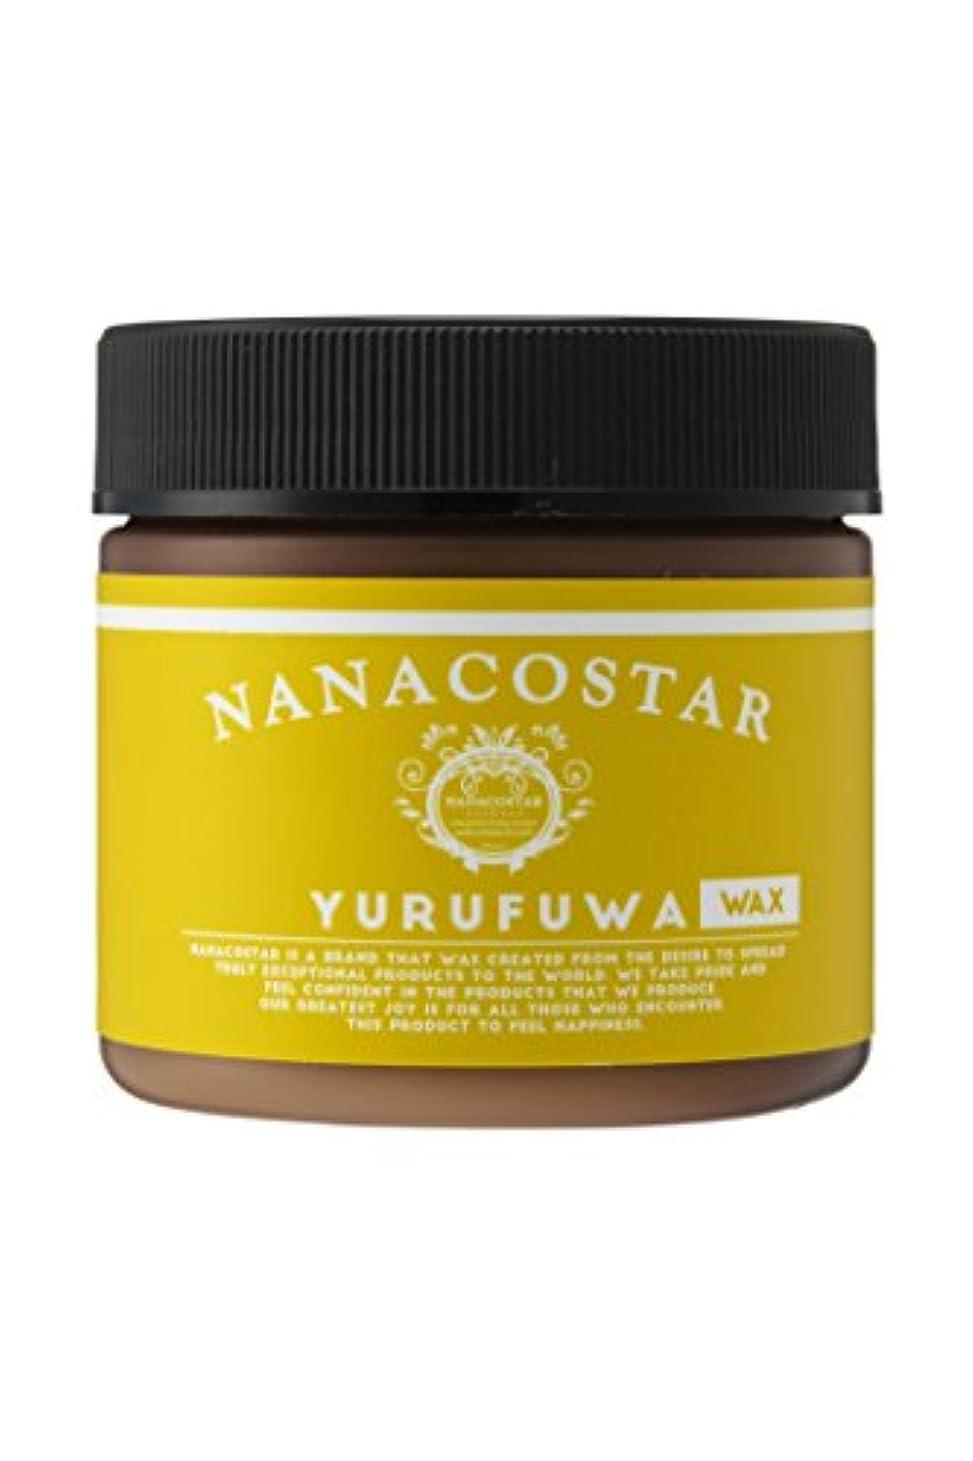 資料王室ロータリーナナコスター [NANACOSTAR] ユルフワ ワックス YURUFUWA WAX 75g …